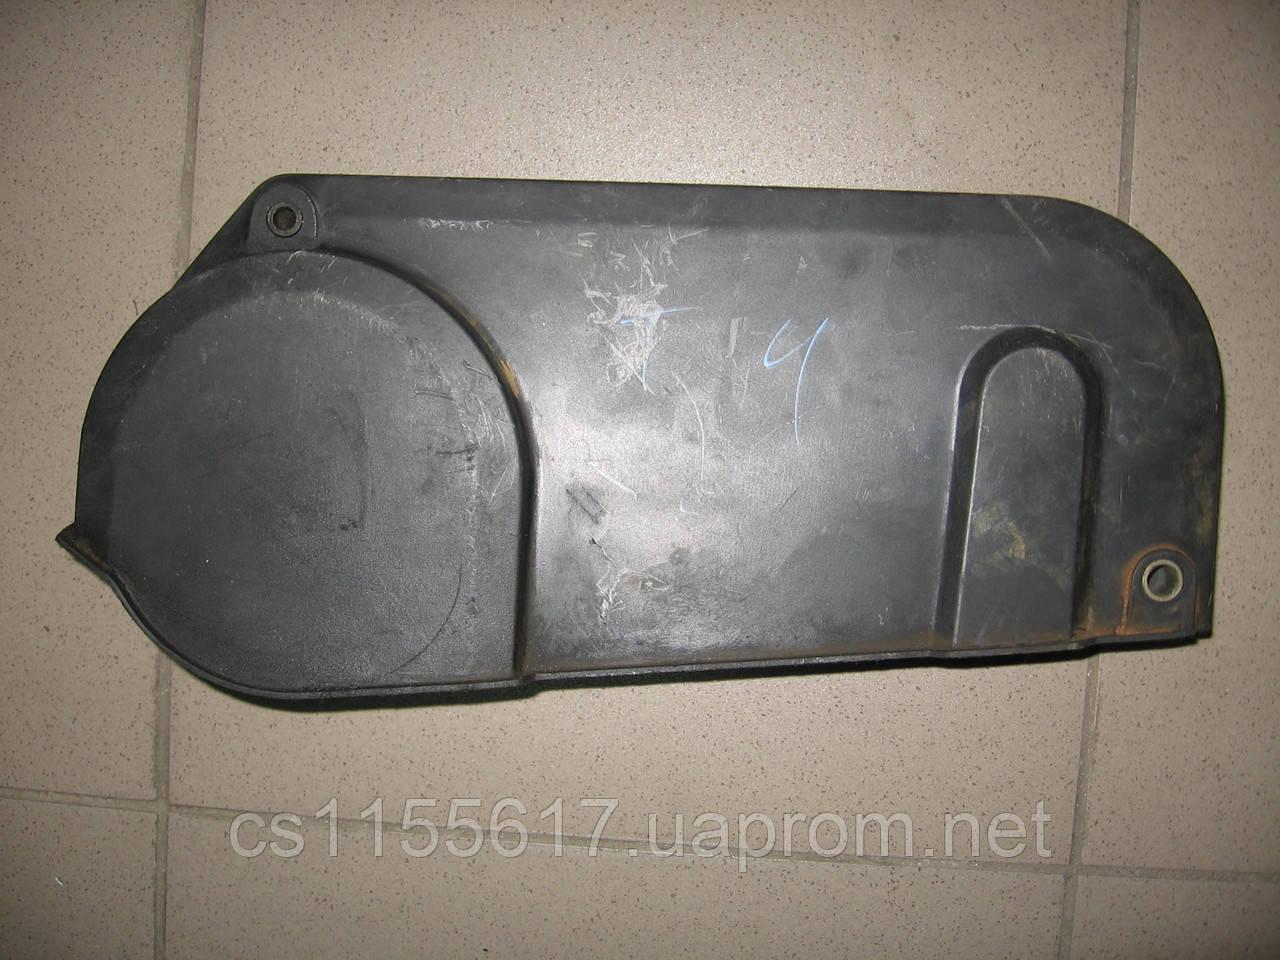 Защита/крышка ремня ГРМ 046130133A б/у на VW T4 2.4d год 1990-2003